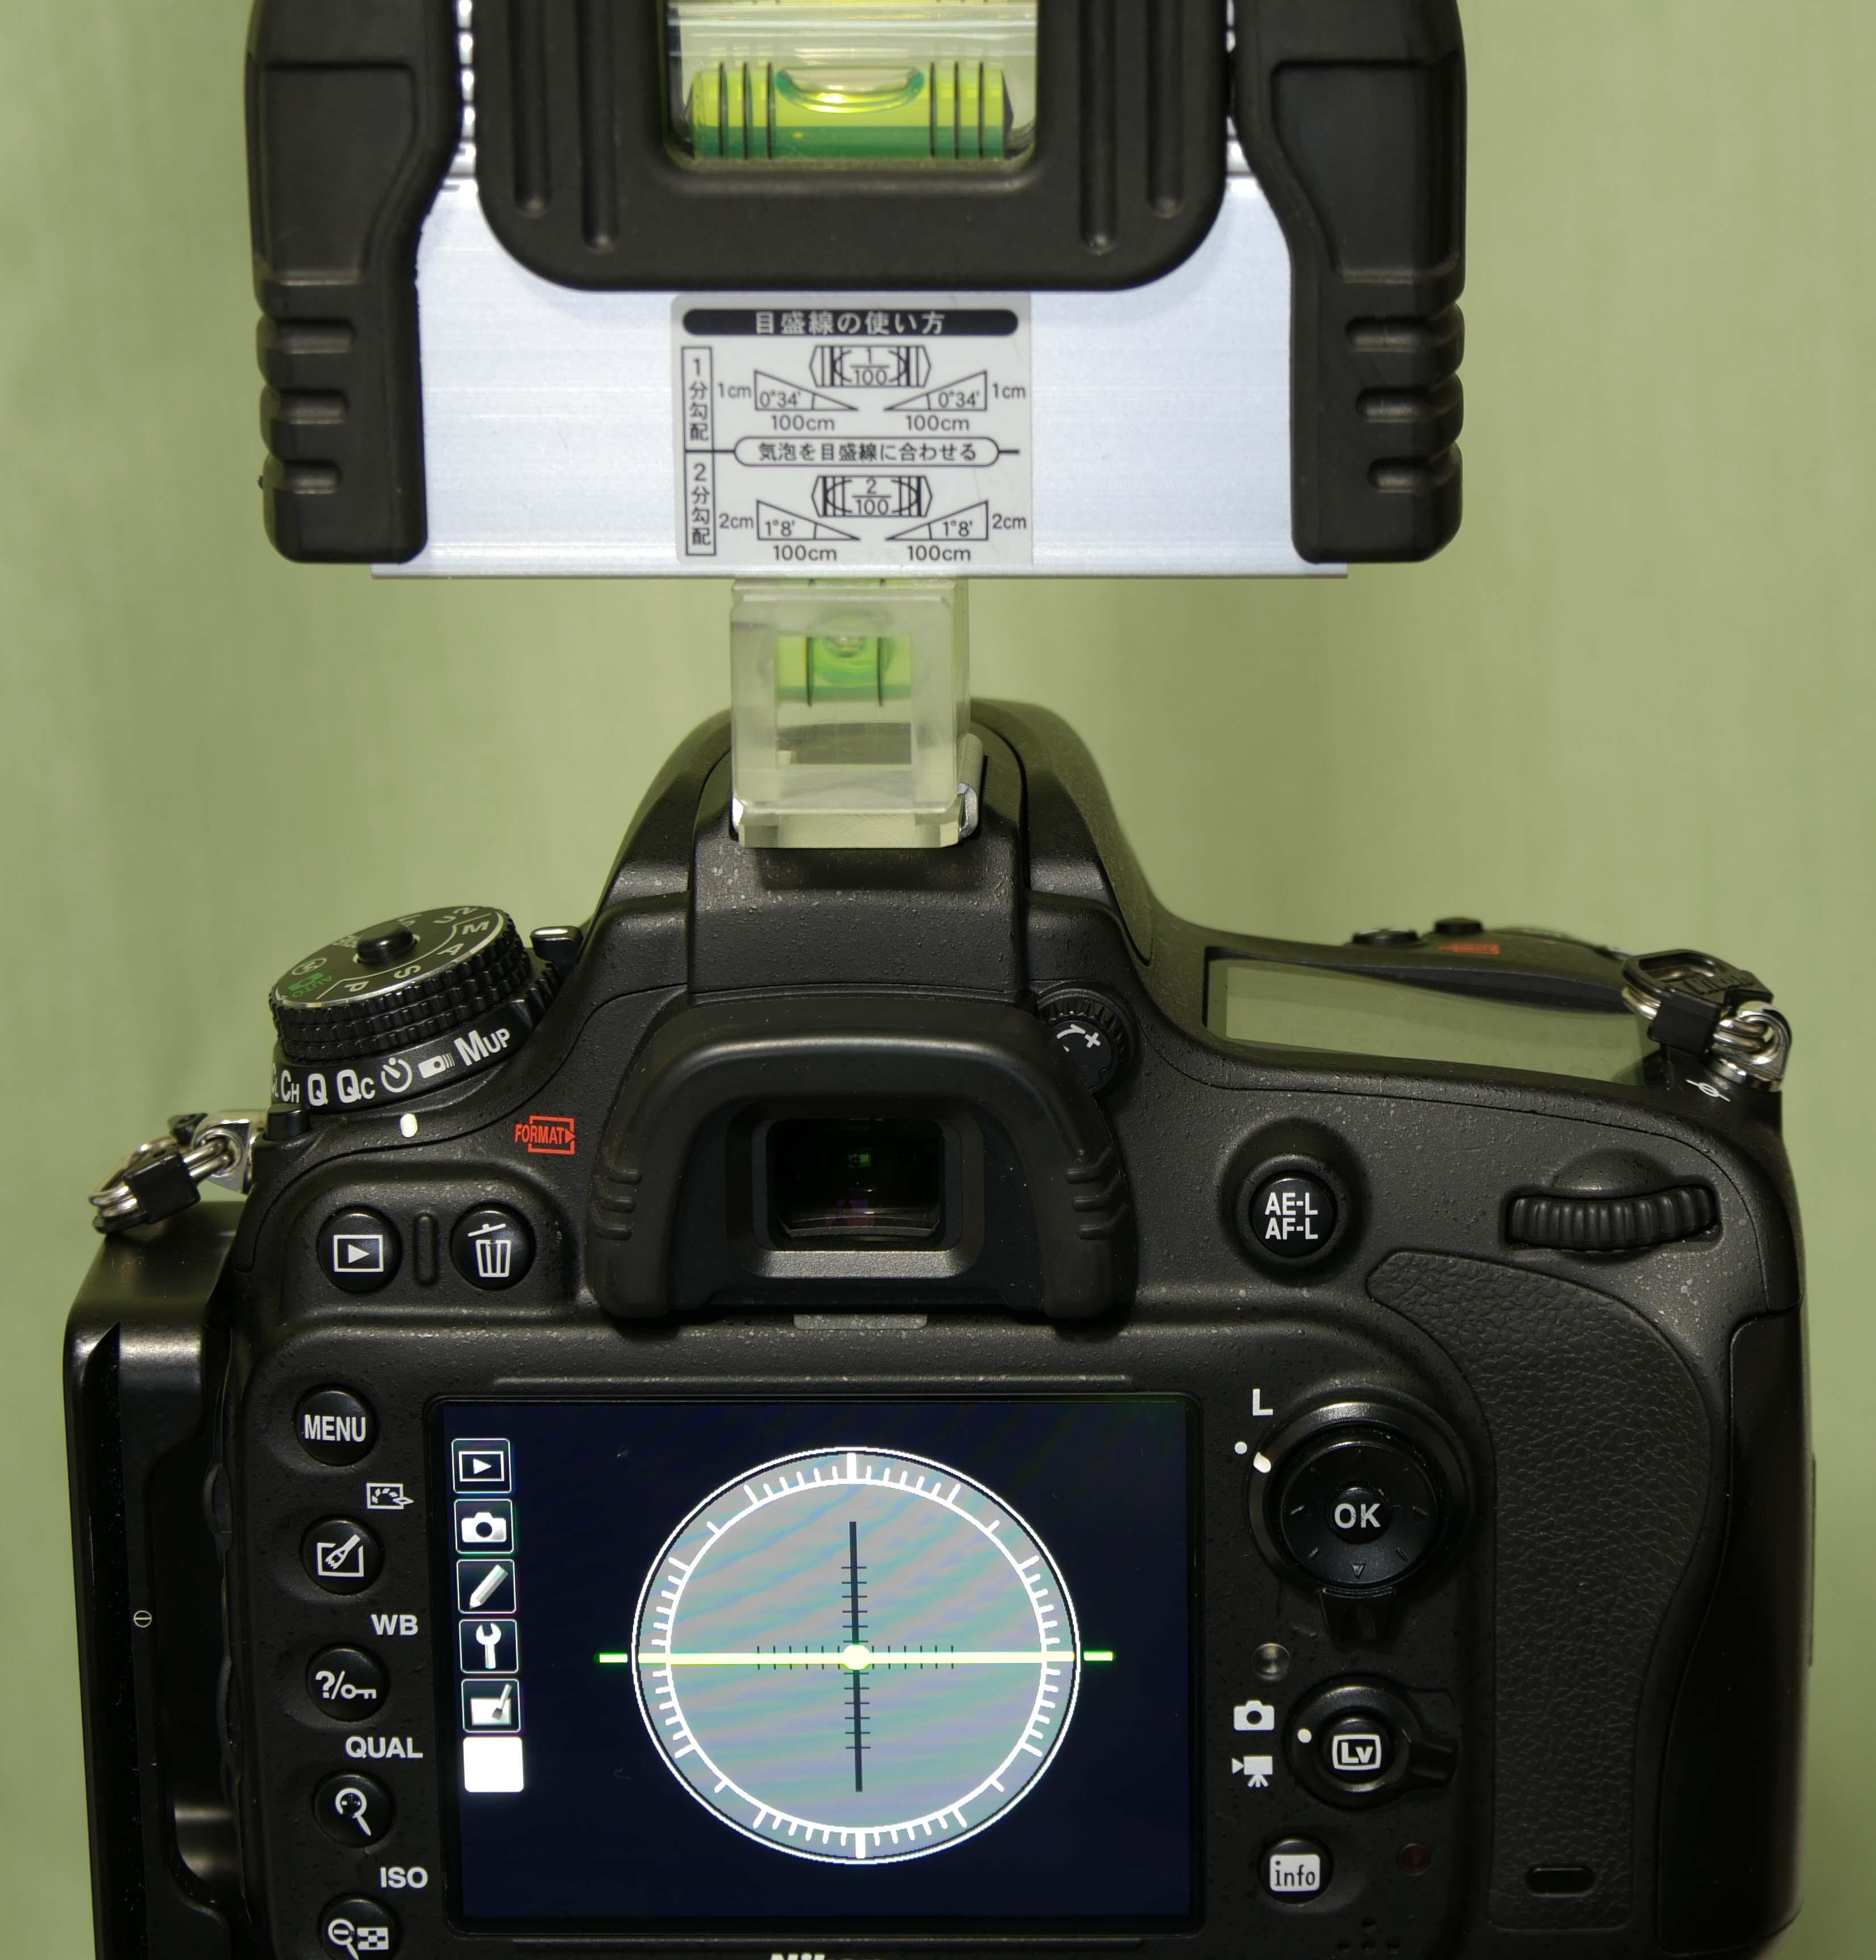 水準器 カメラ内蔵 外付け 比較